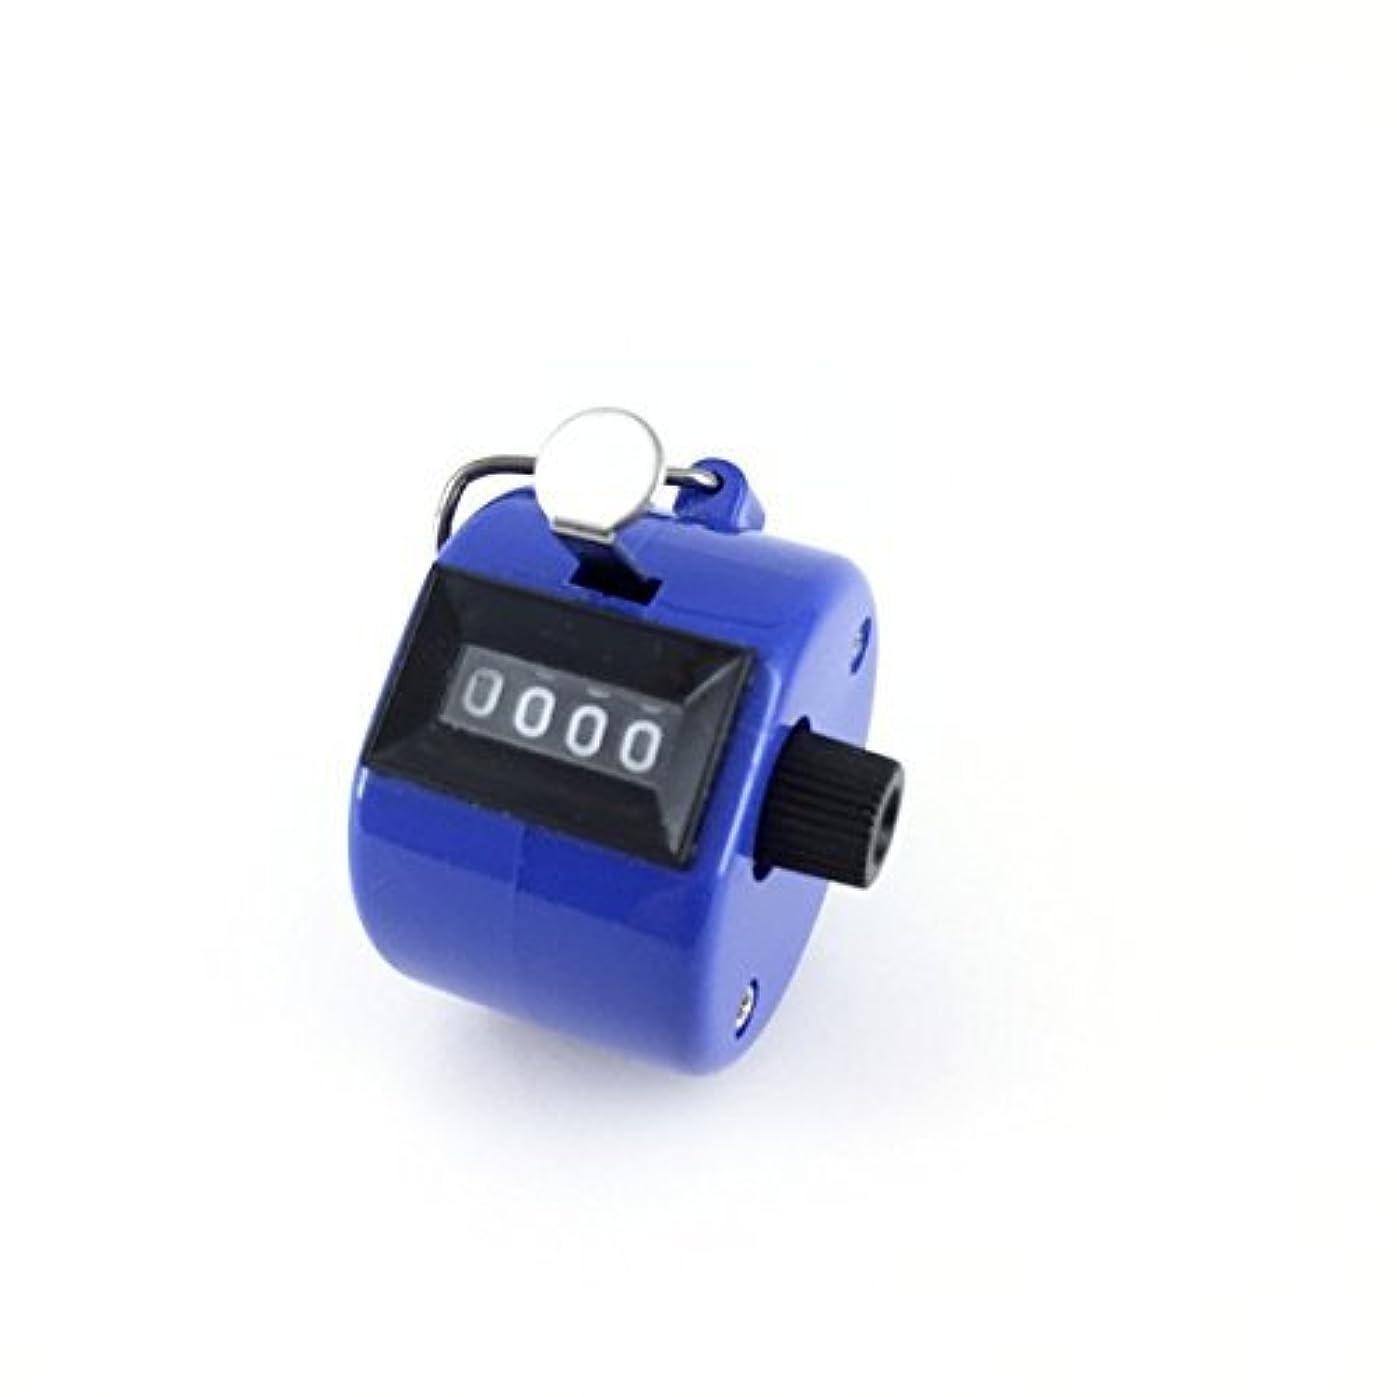 お酒サイズ不完全なエクステカウンター 手持ちホルダー付き 数取器 まつげエクステ用品 カラー4色 (ブルー)